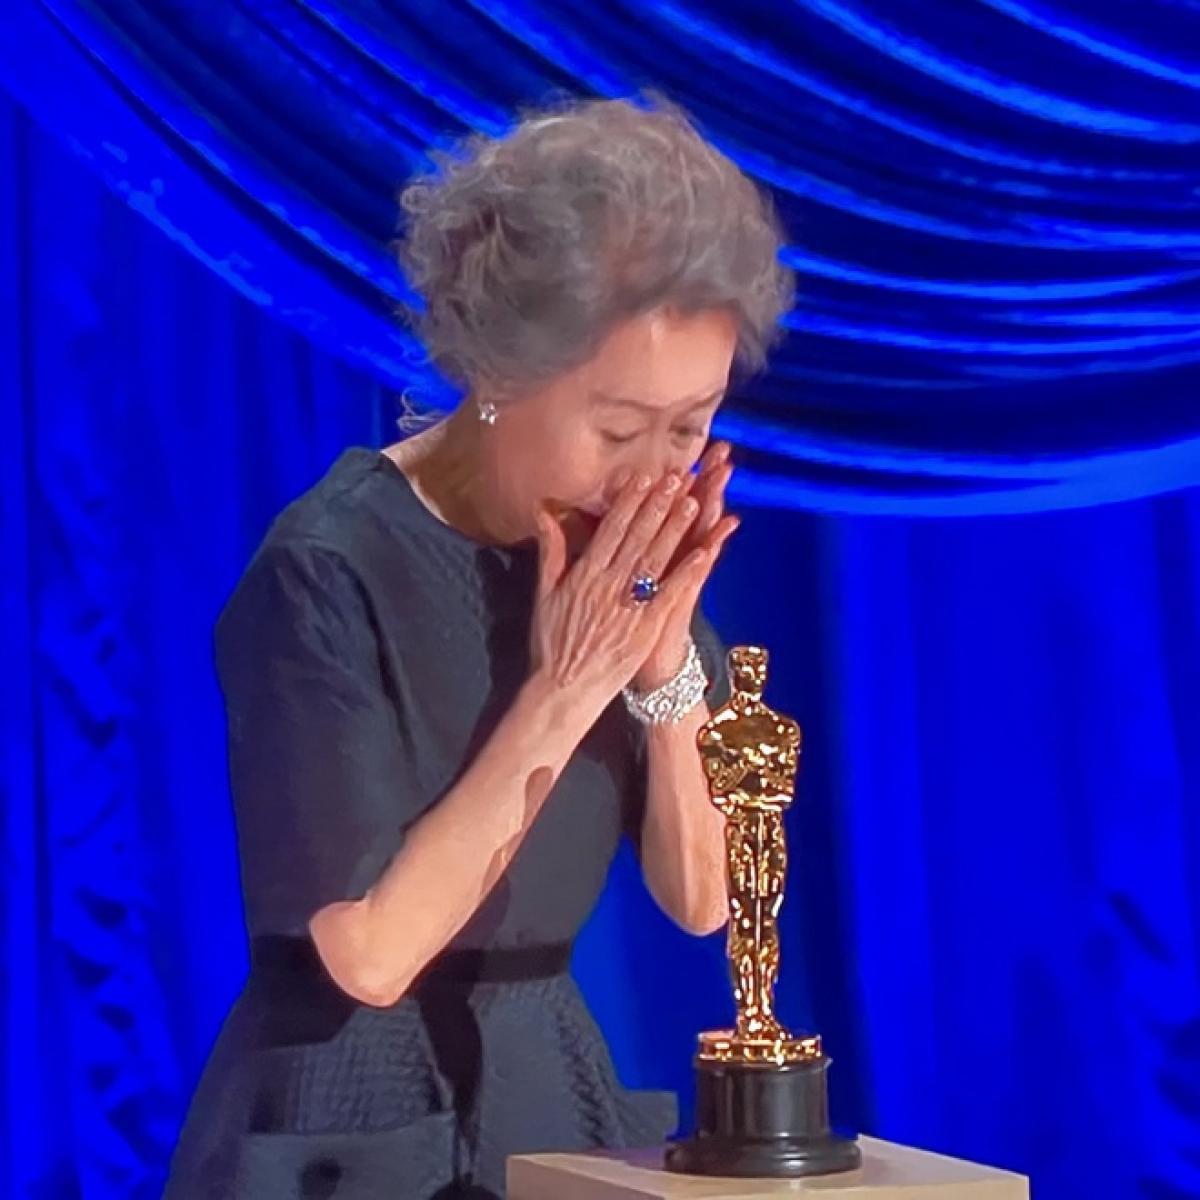 Bà xúc động khi lên nhận giải thưởng.